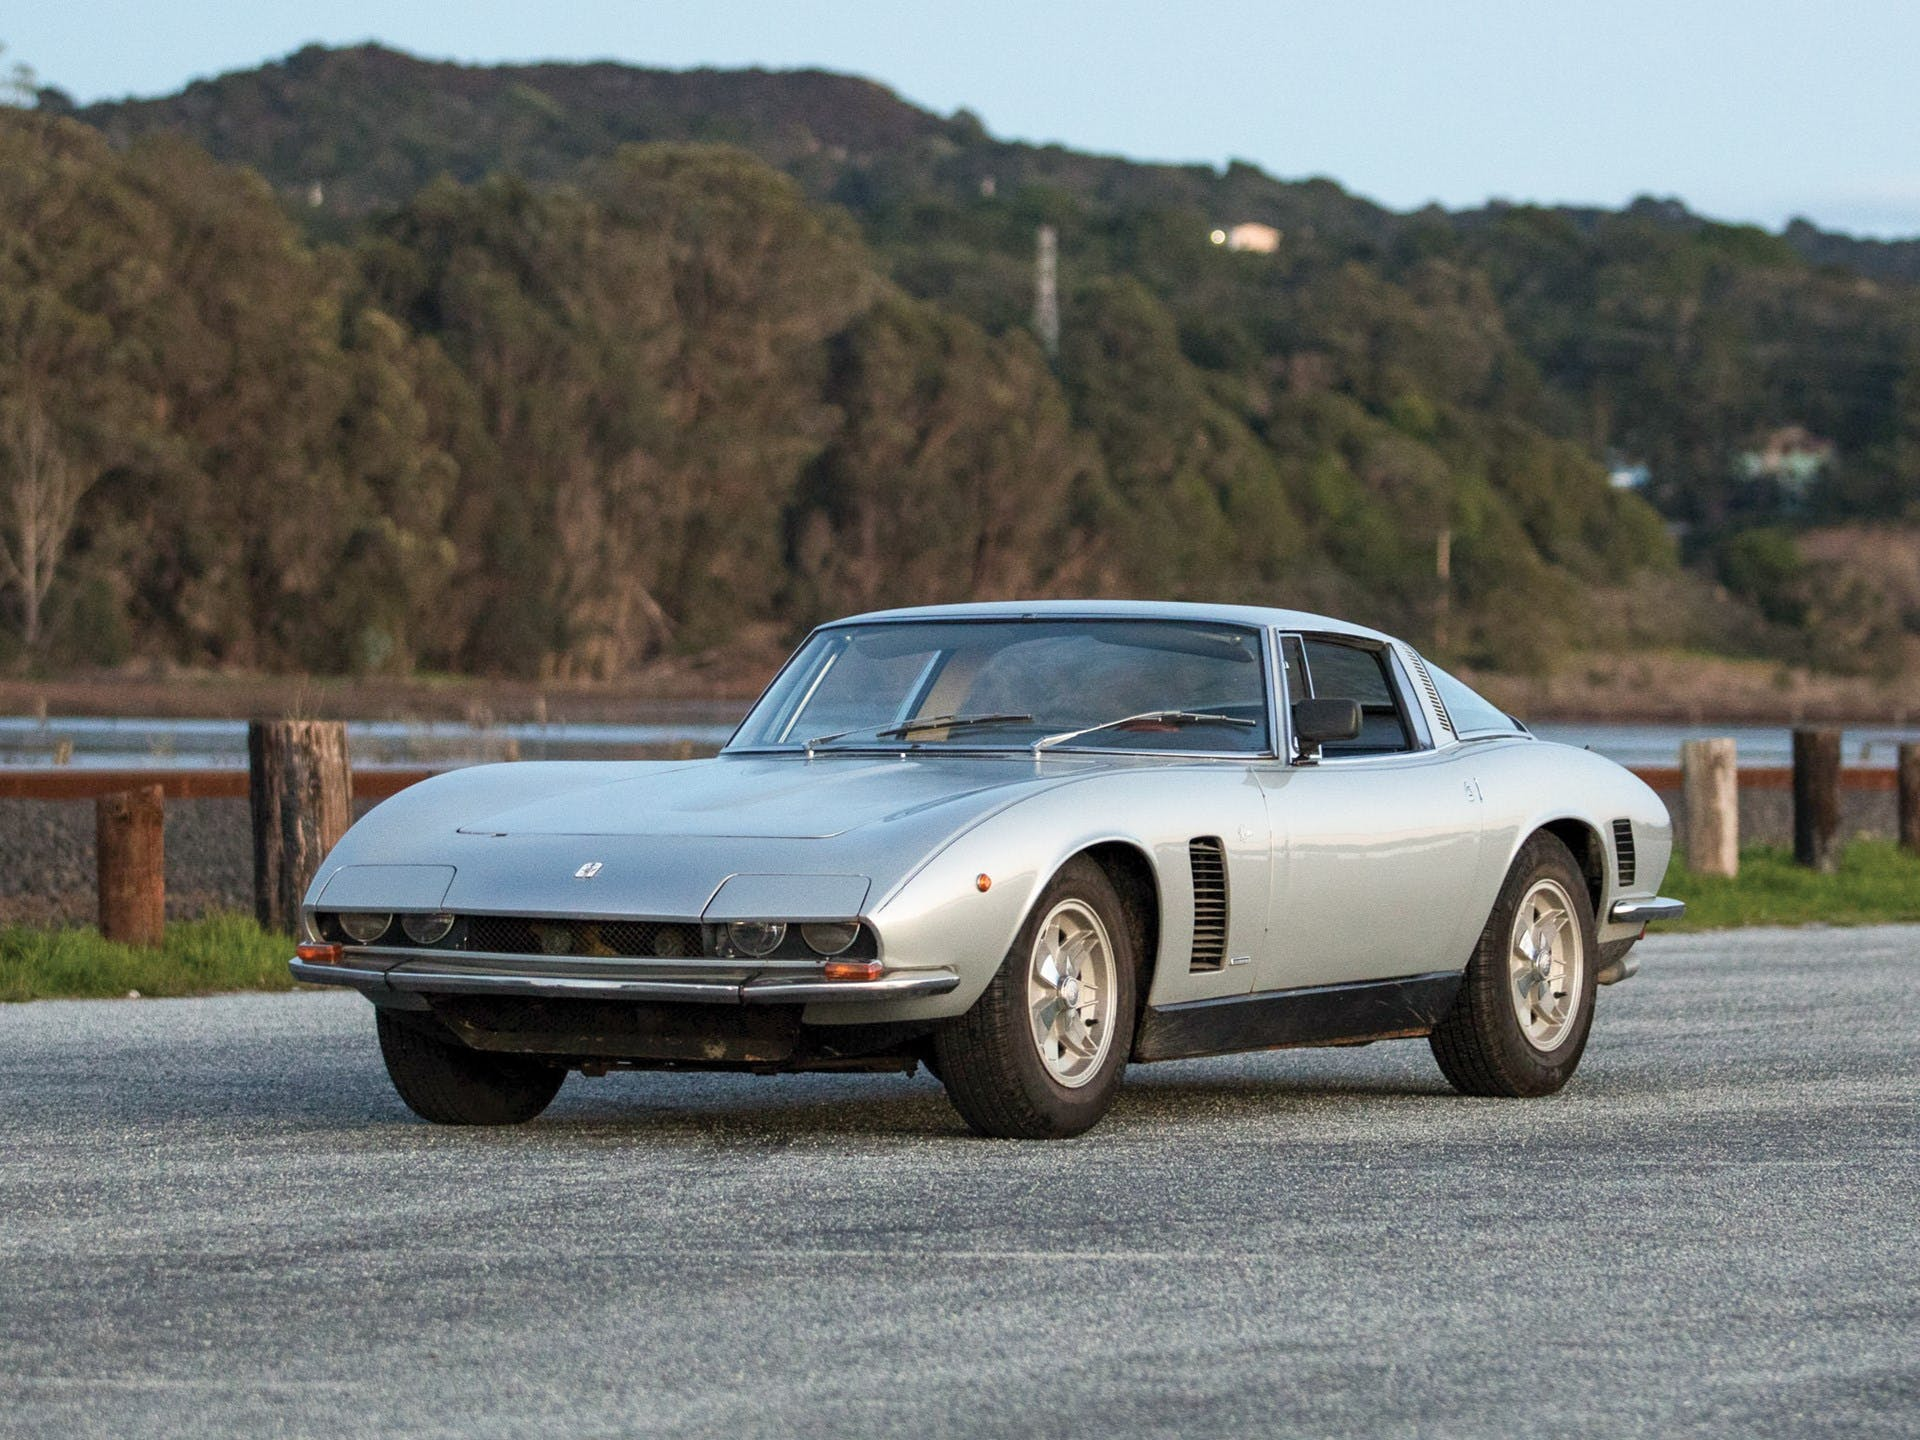 1970 Iso Grifo Gl Series II